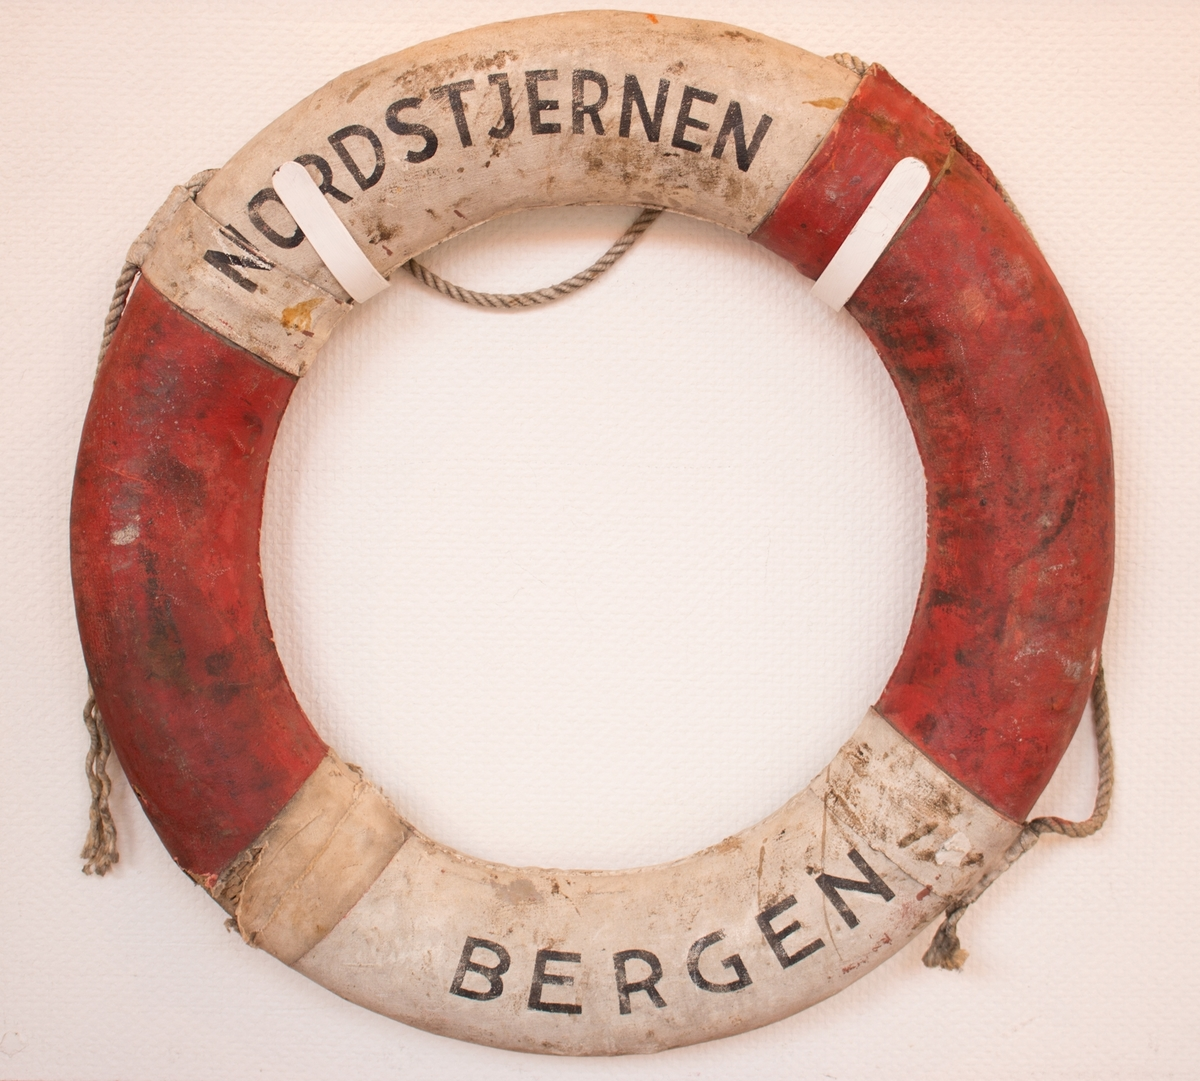 Rund livbøye med påskrift NORDSTJERNEN, Bergen med tau montert på utsiden.